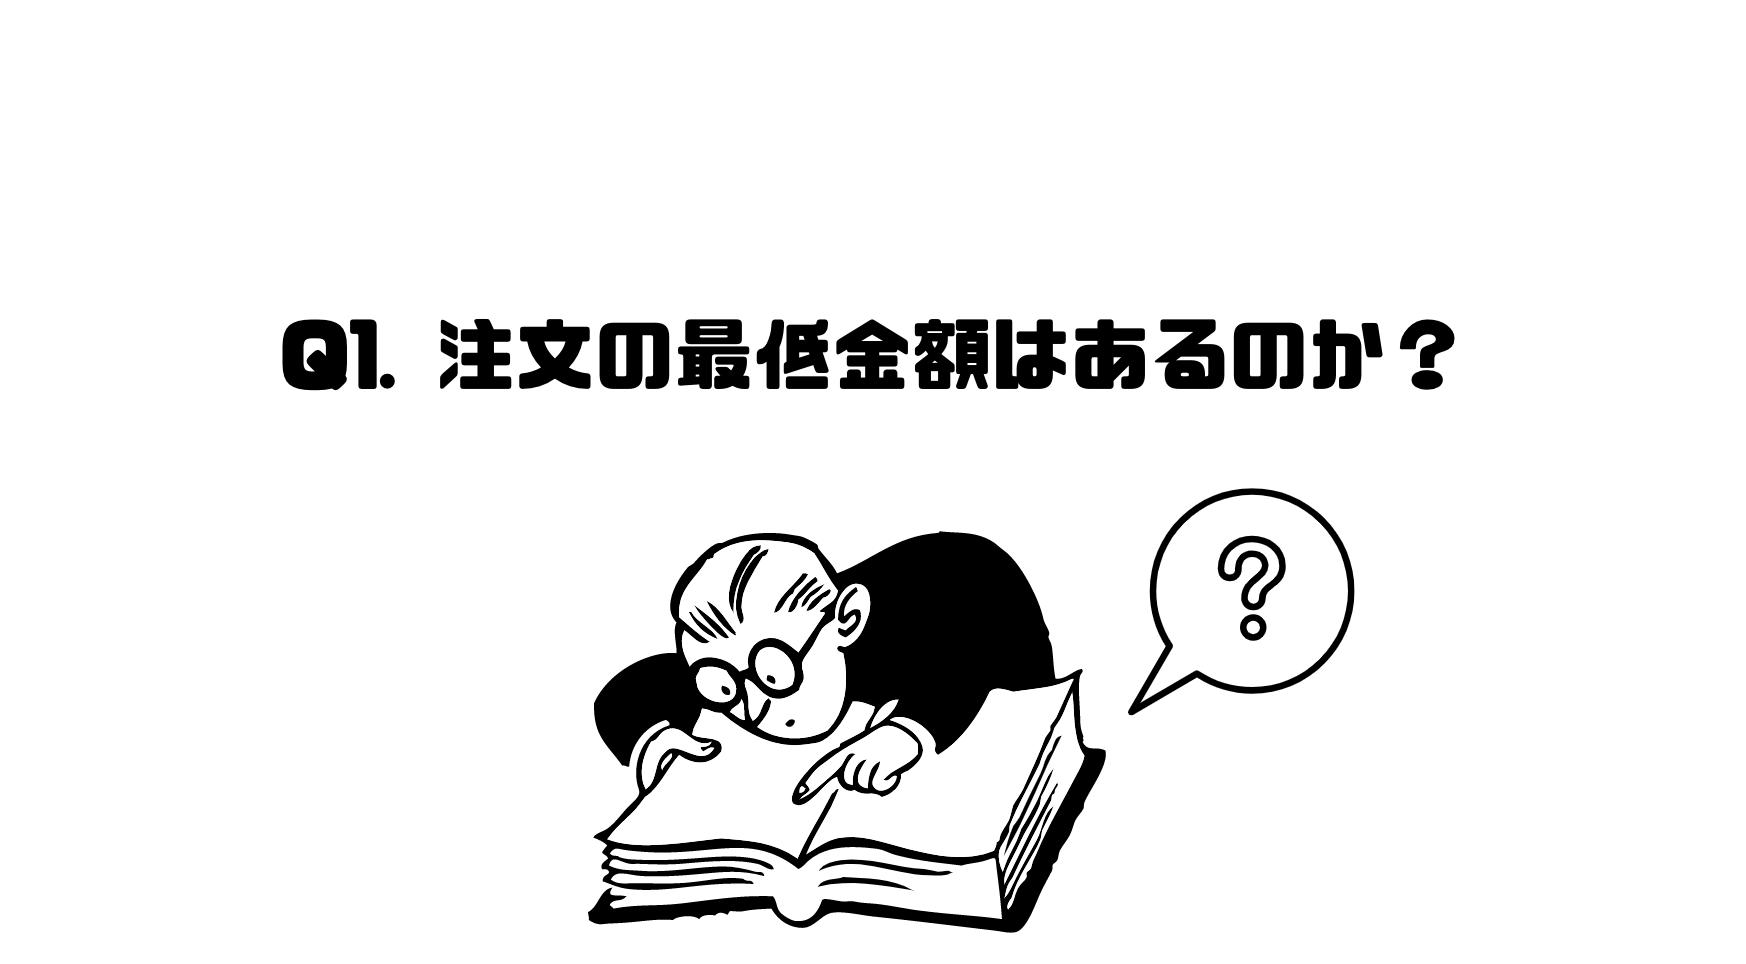 パルシステム_評判_質問_注文_最低金額